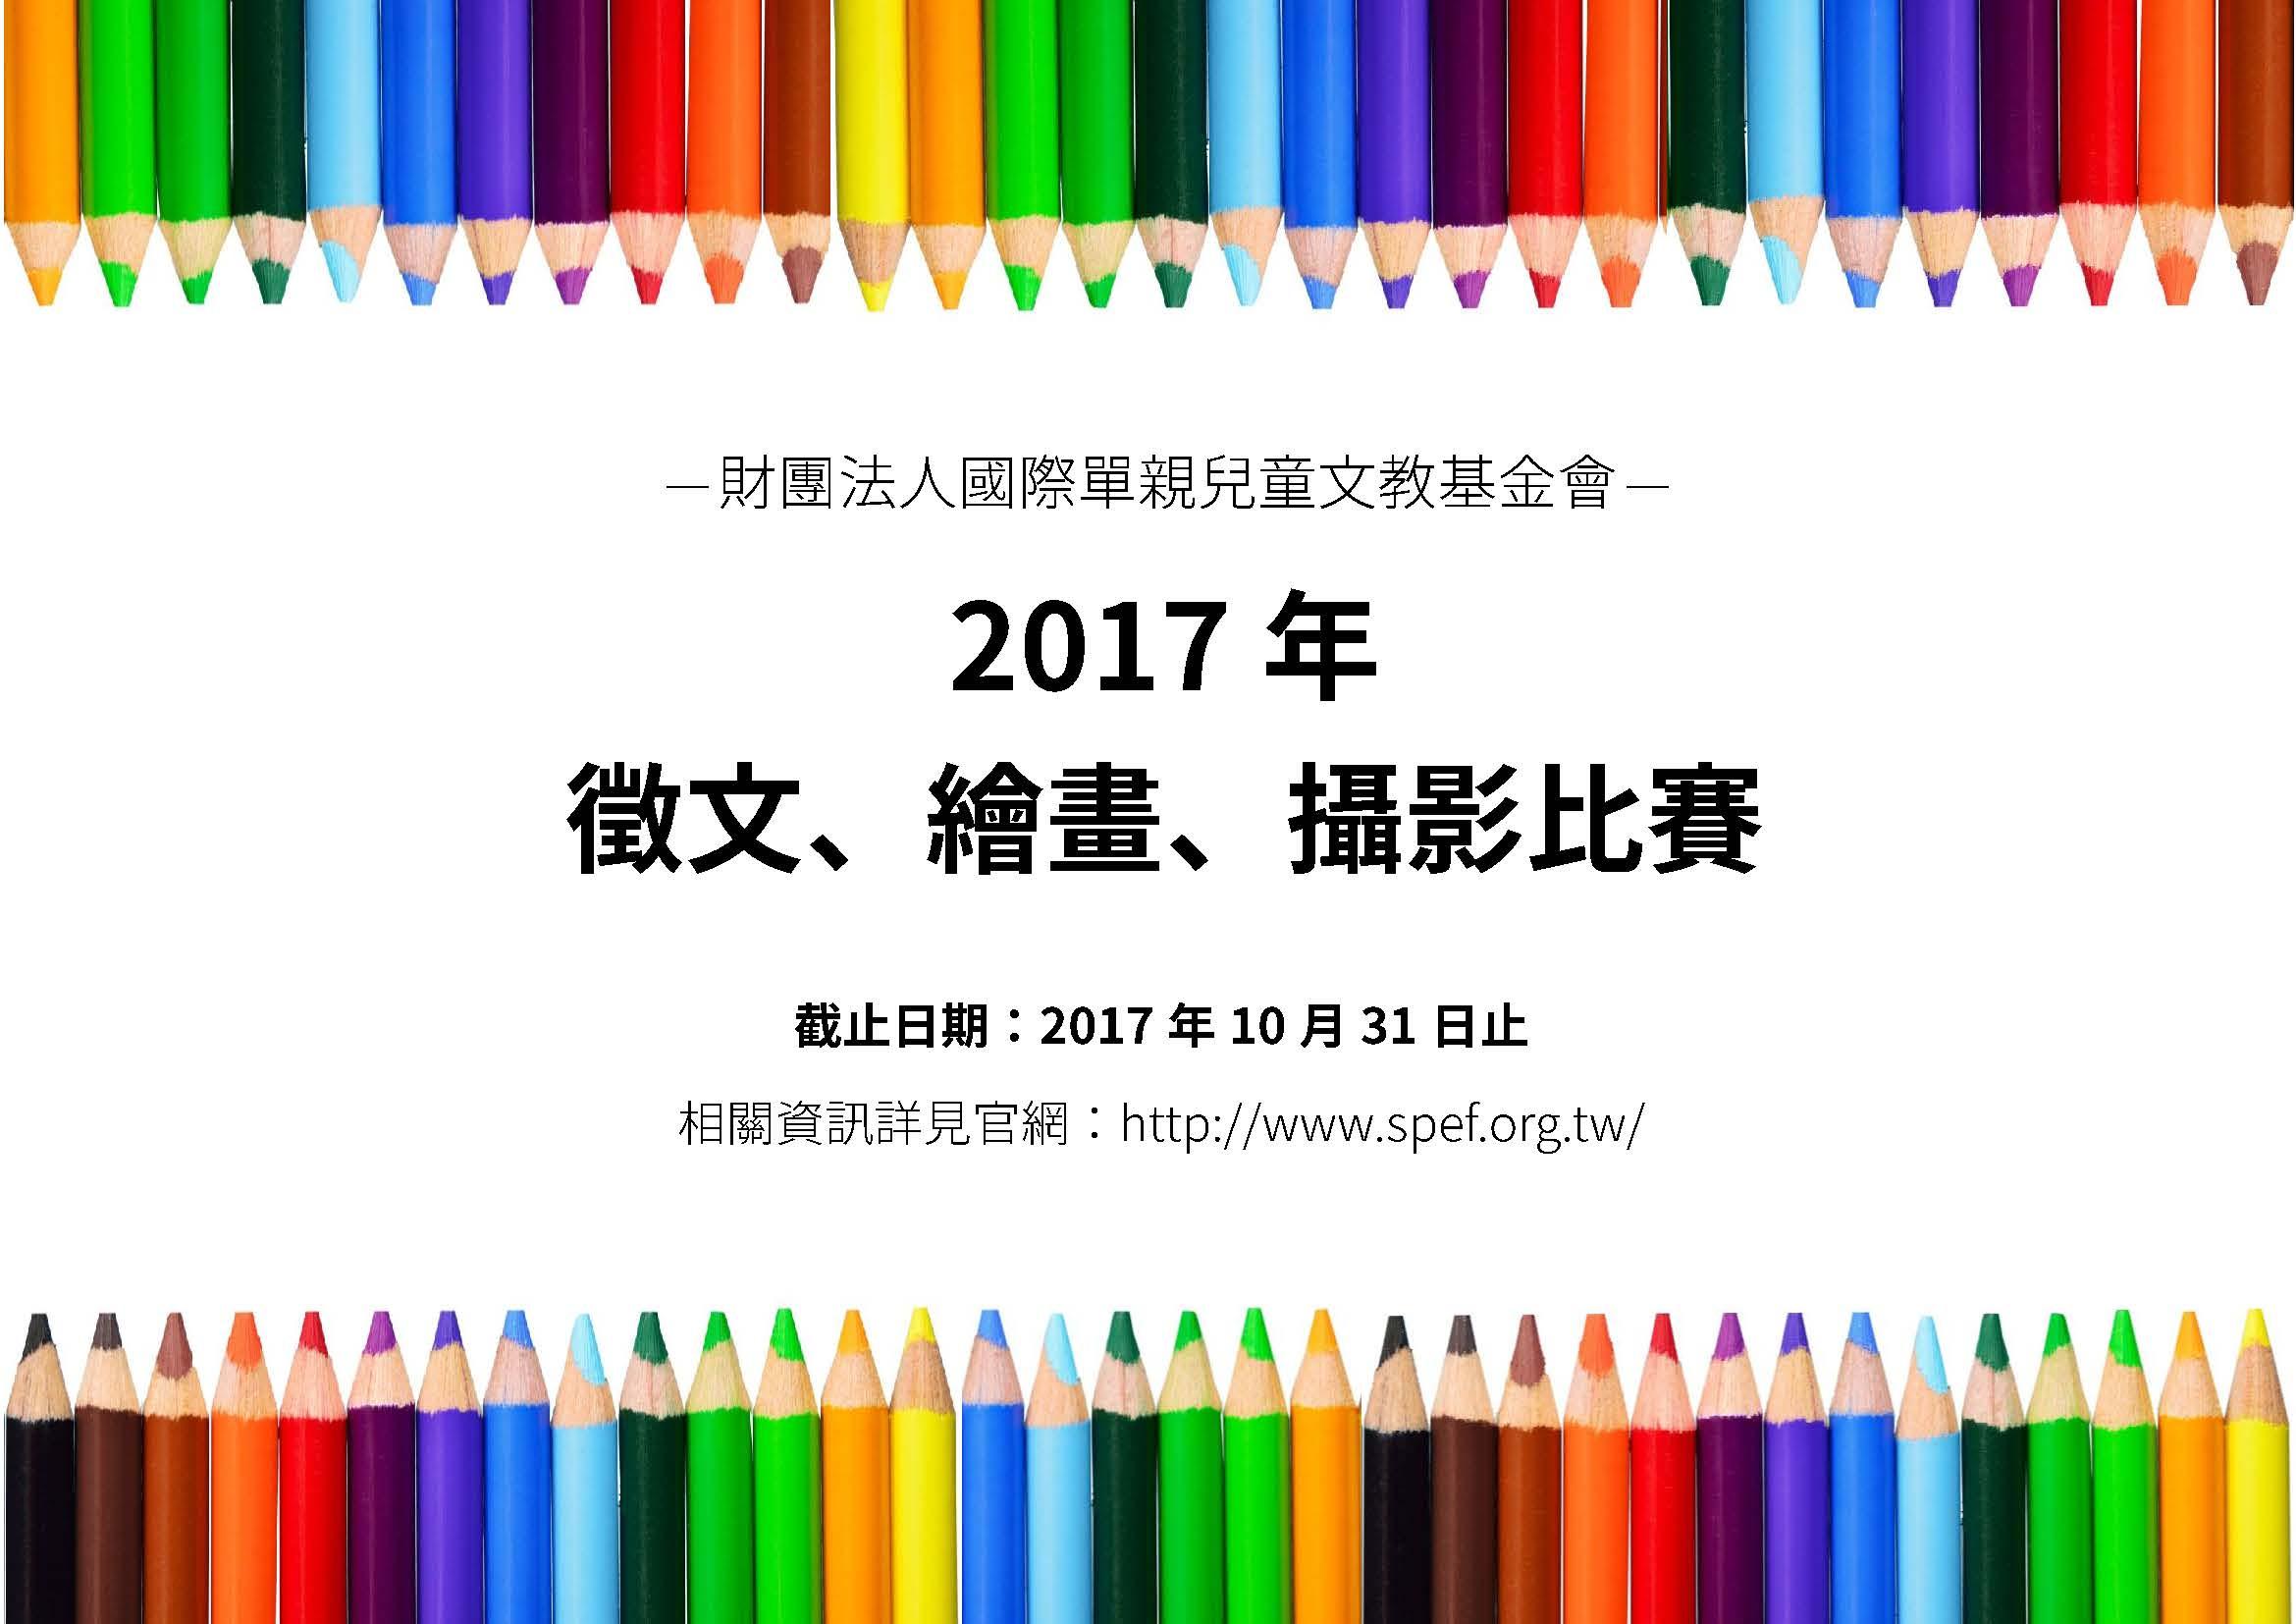 2017年單親家庭子女徵文繪畫攝影比賽